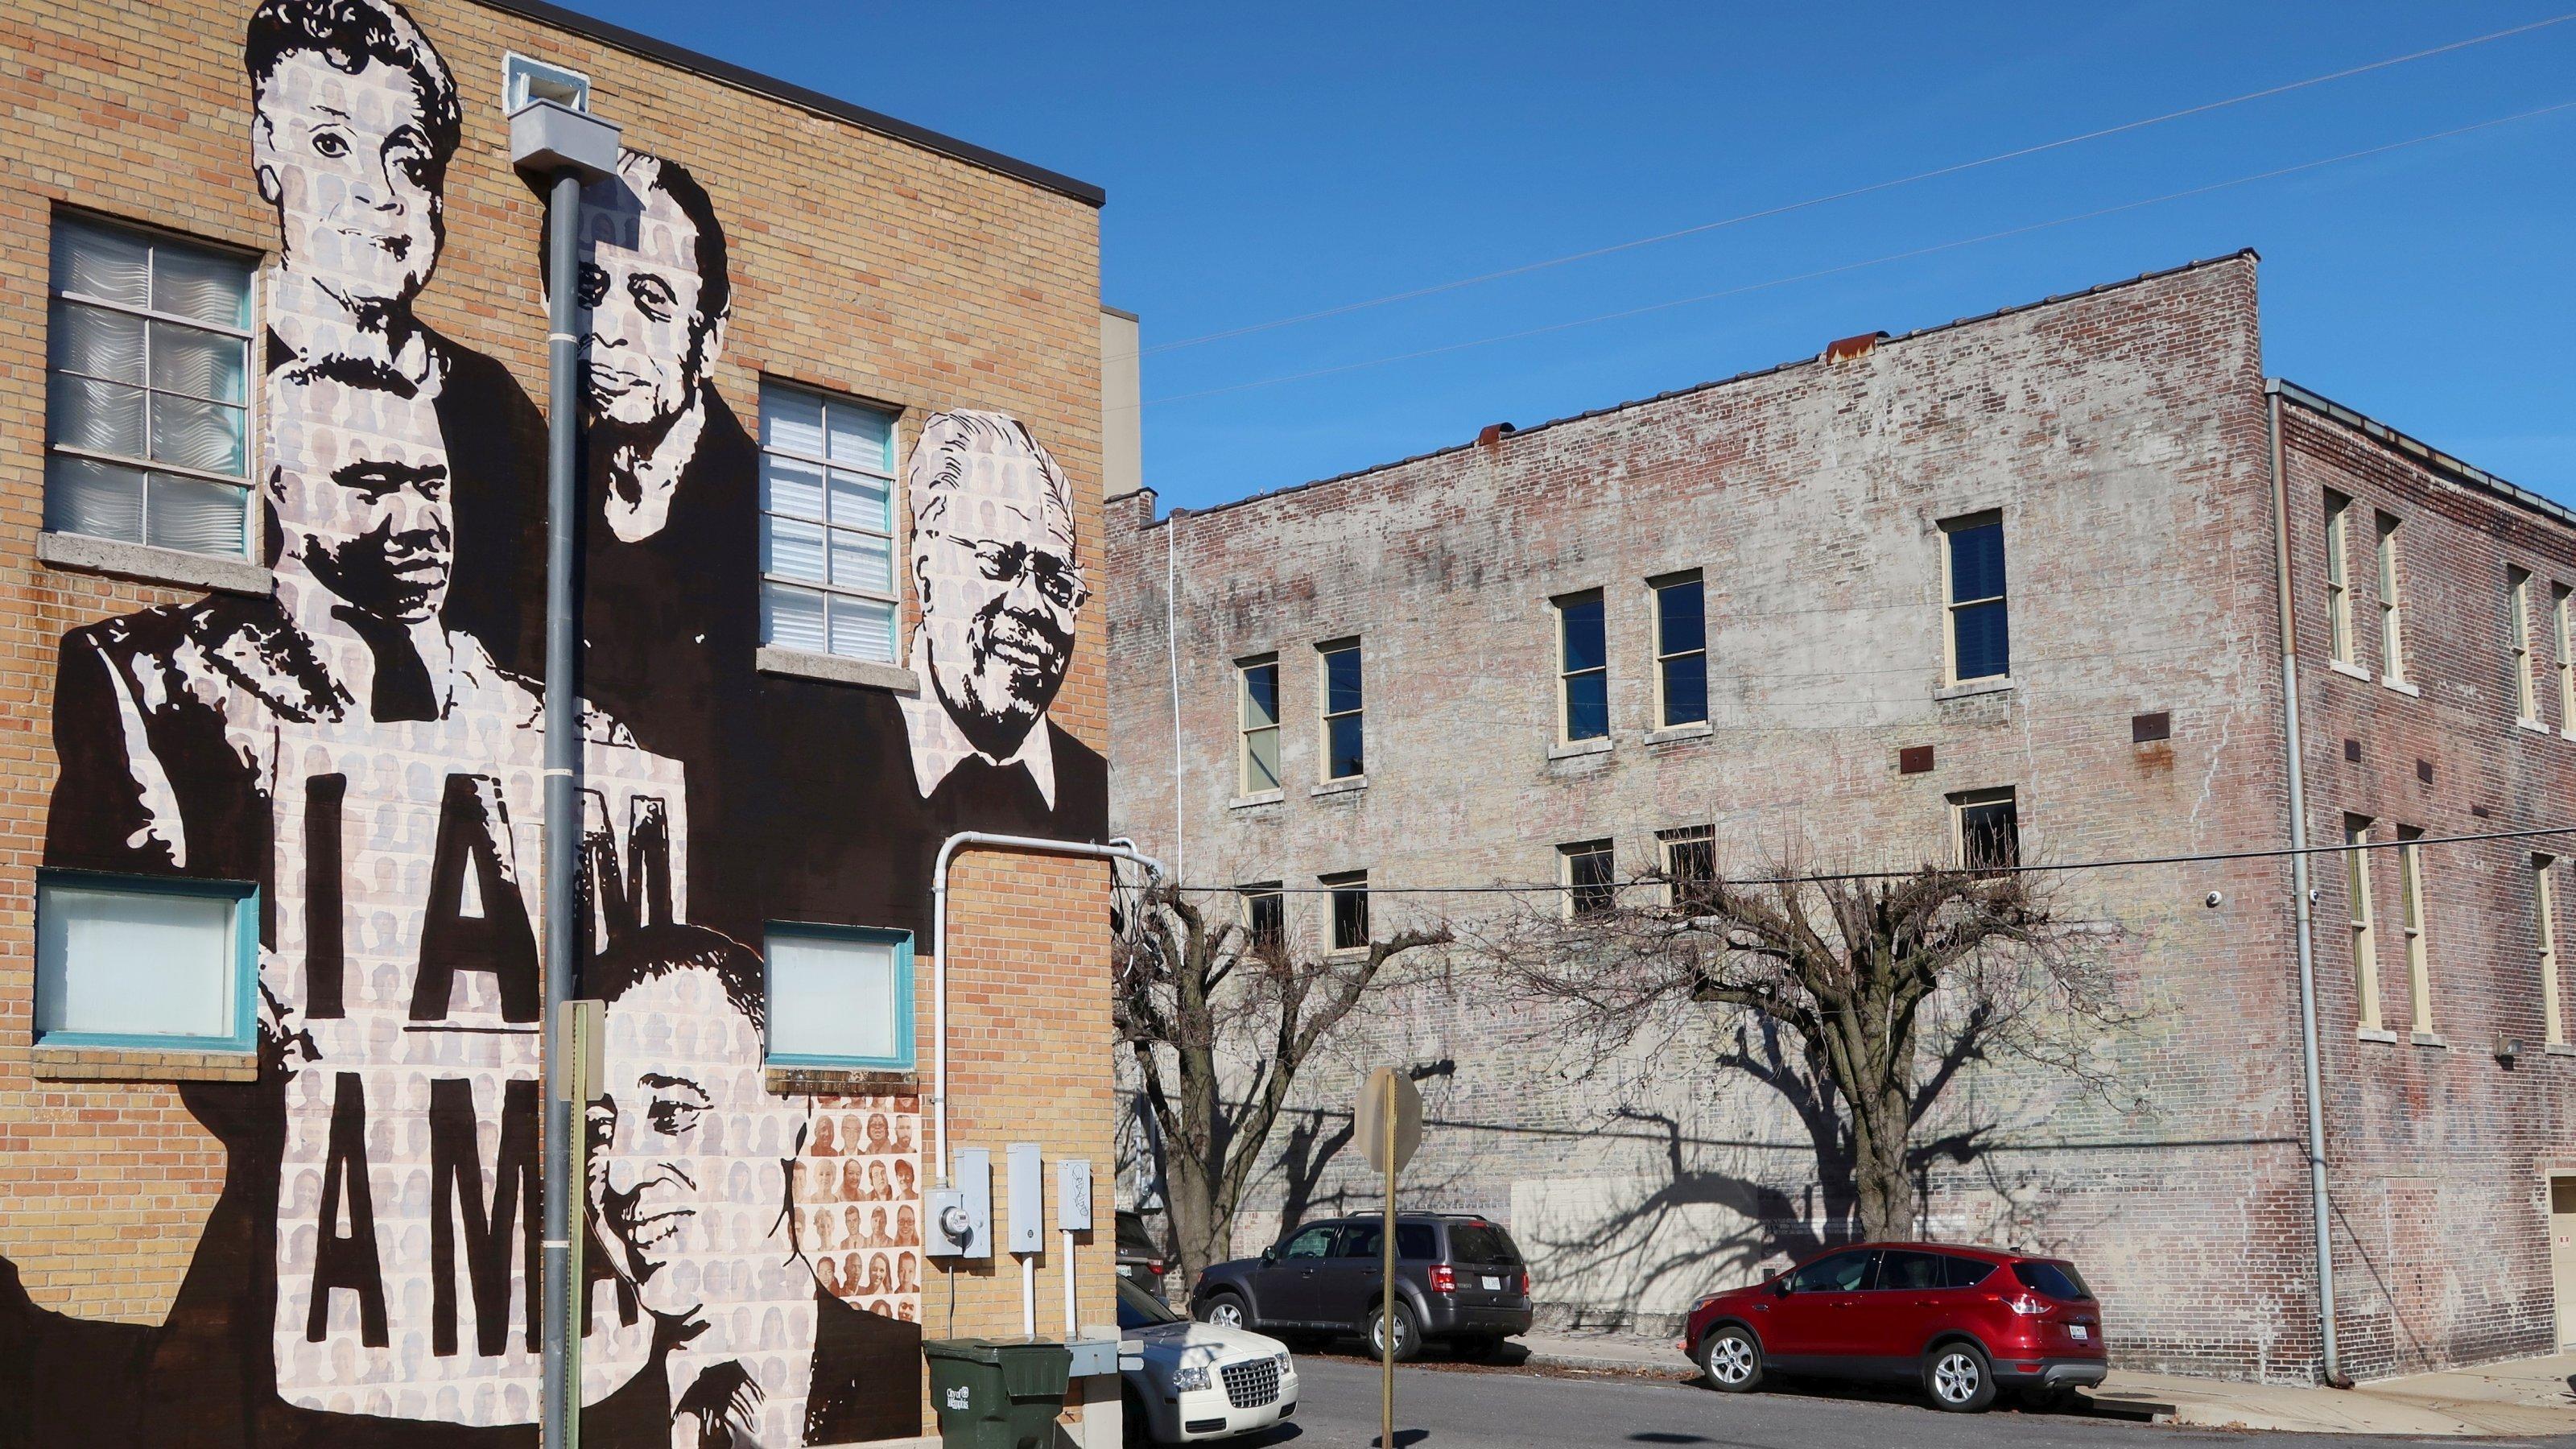 Ein Wandgemälde zeigt Ikonen der amerikanischen Bürgerrechtsbewegung